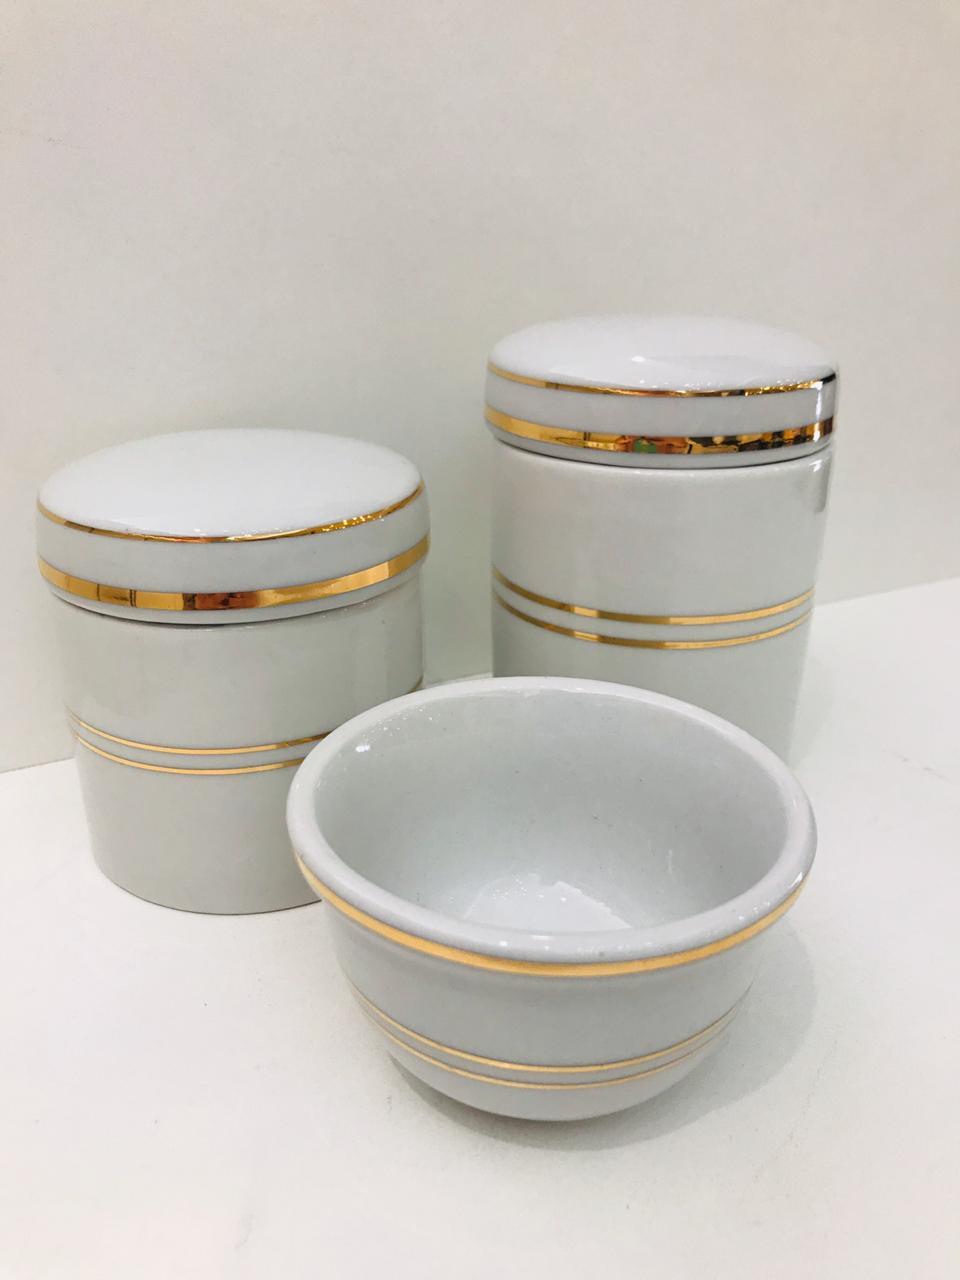 Kit de Porcelana Branco Com 2 Filetes Dourado 3 PÇS - bv